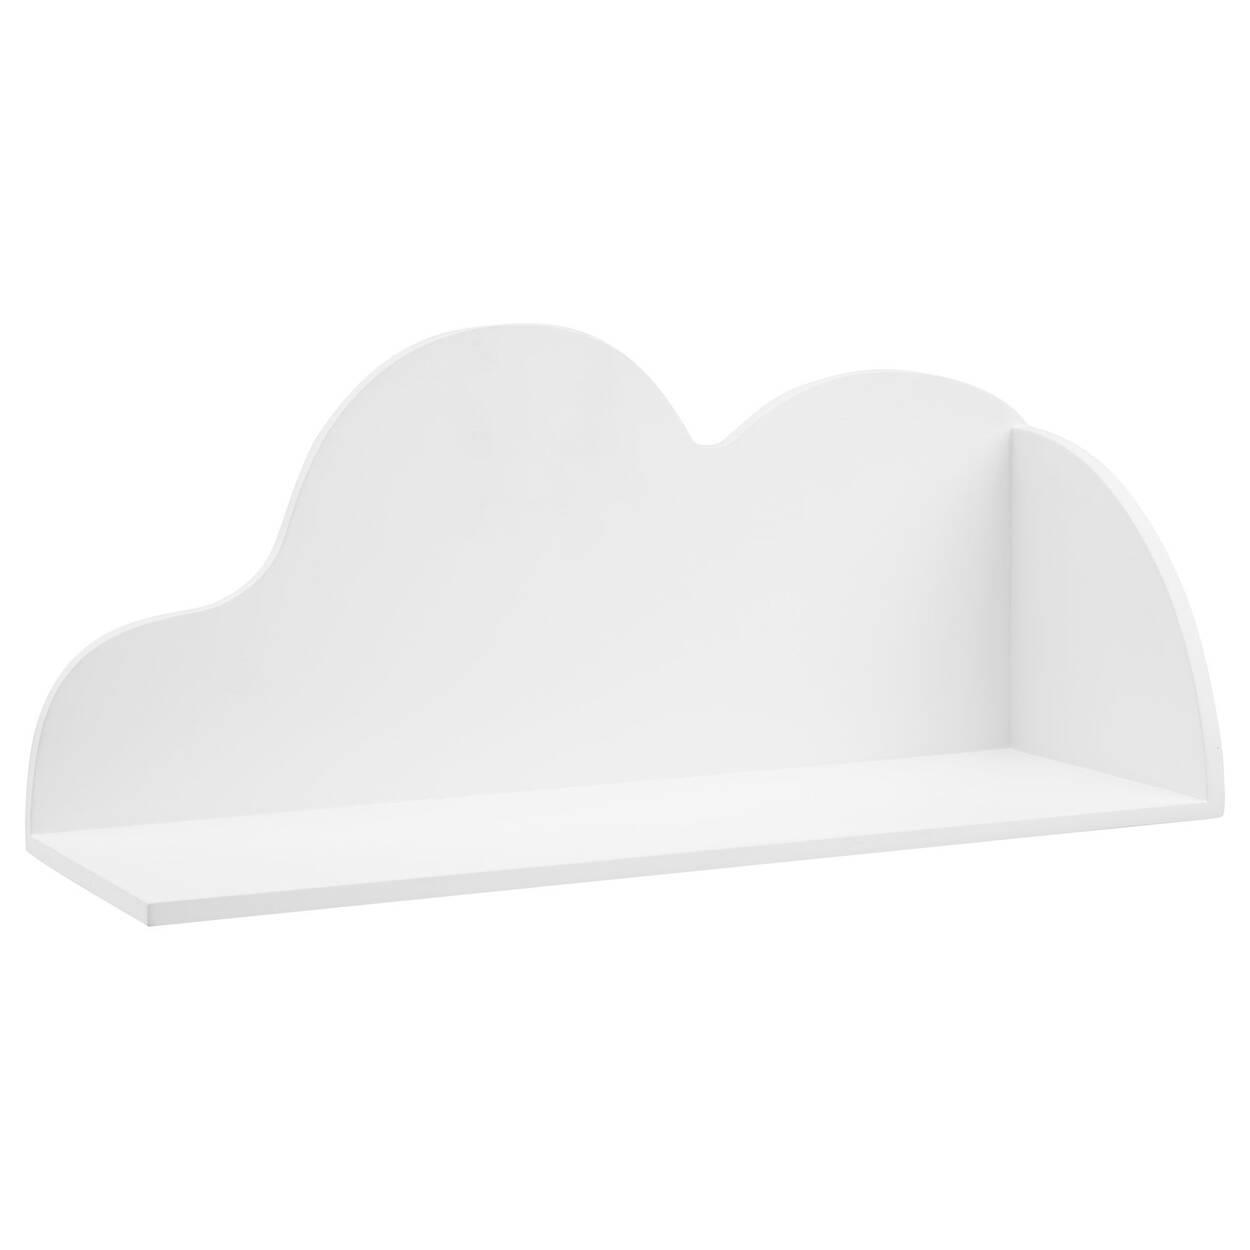 Cloud Wall Shelf